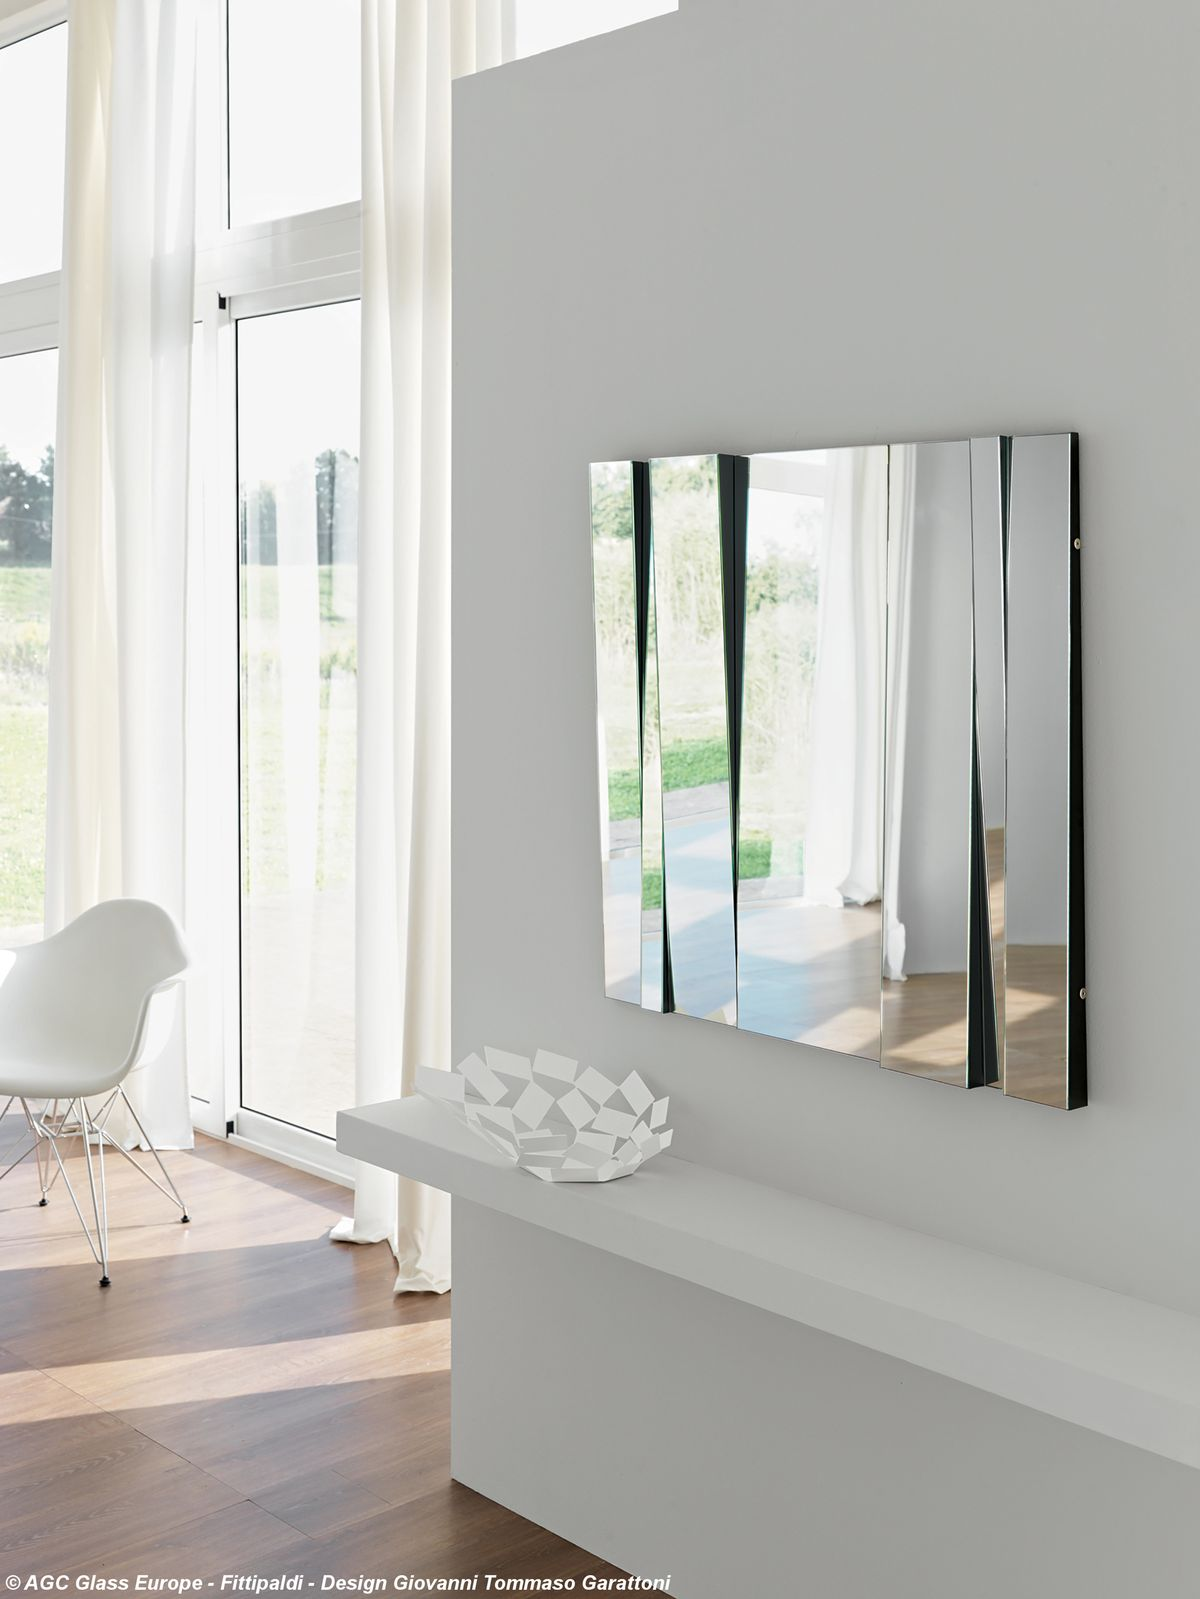 Espelho FITTIPALDI, design Giovanni Tommaso Garattoni